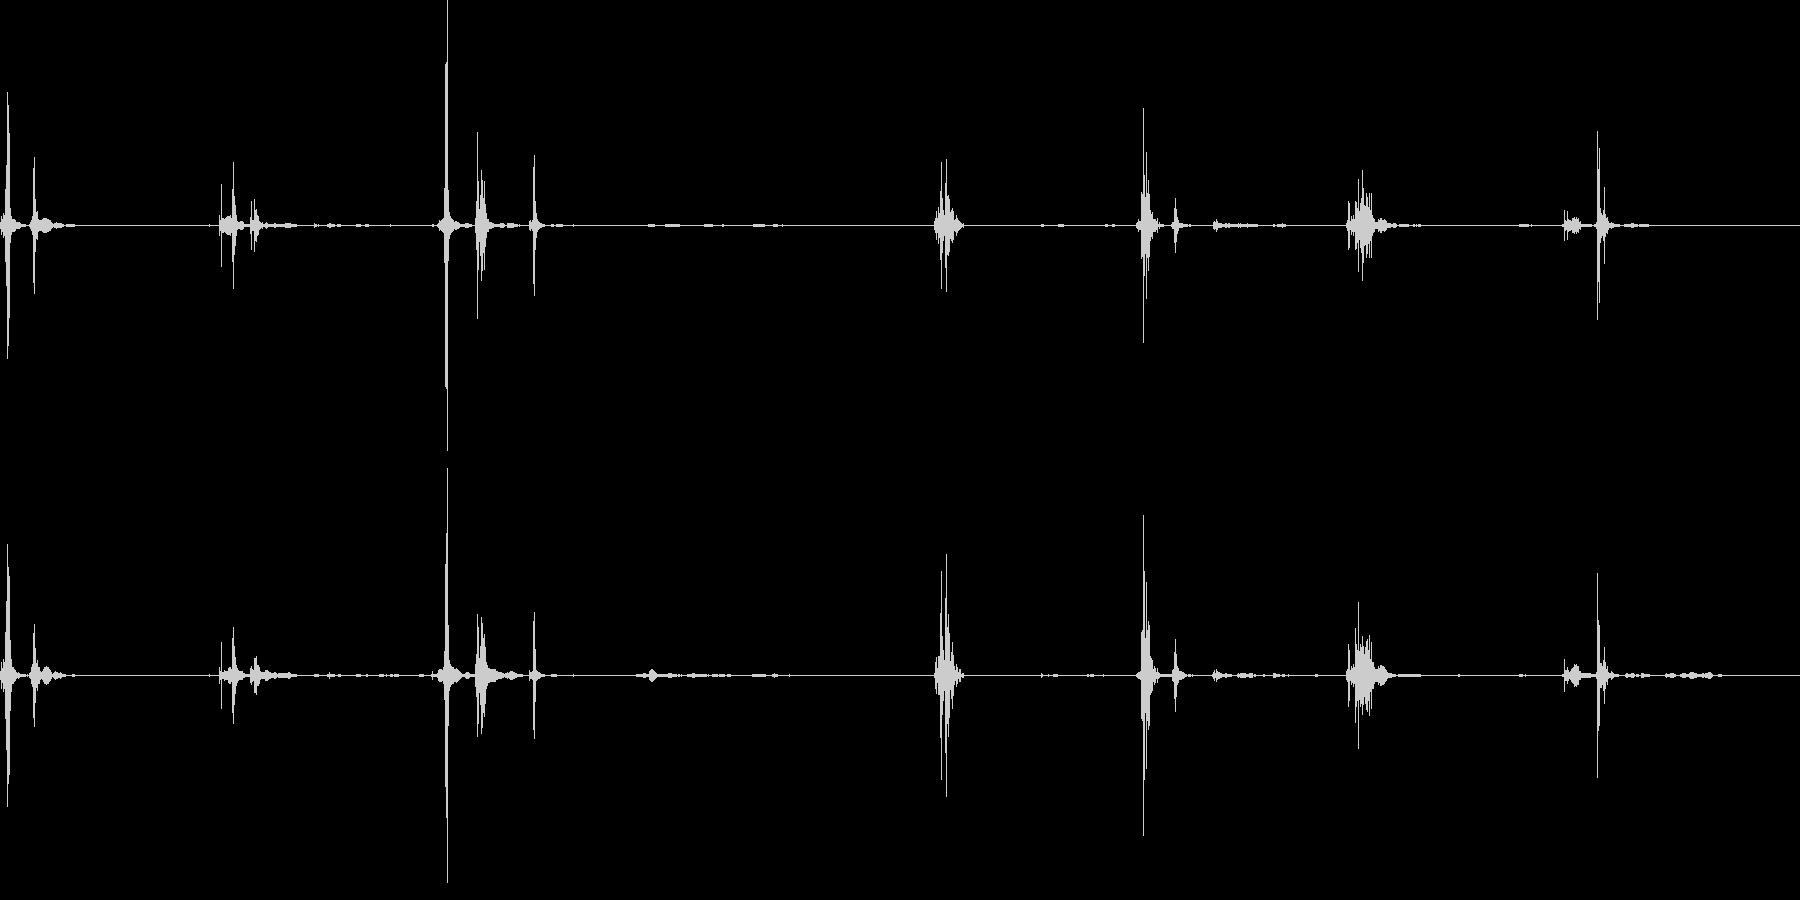 ガムを噛むの未再生の波形